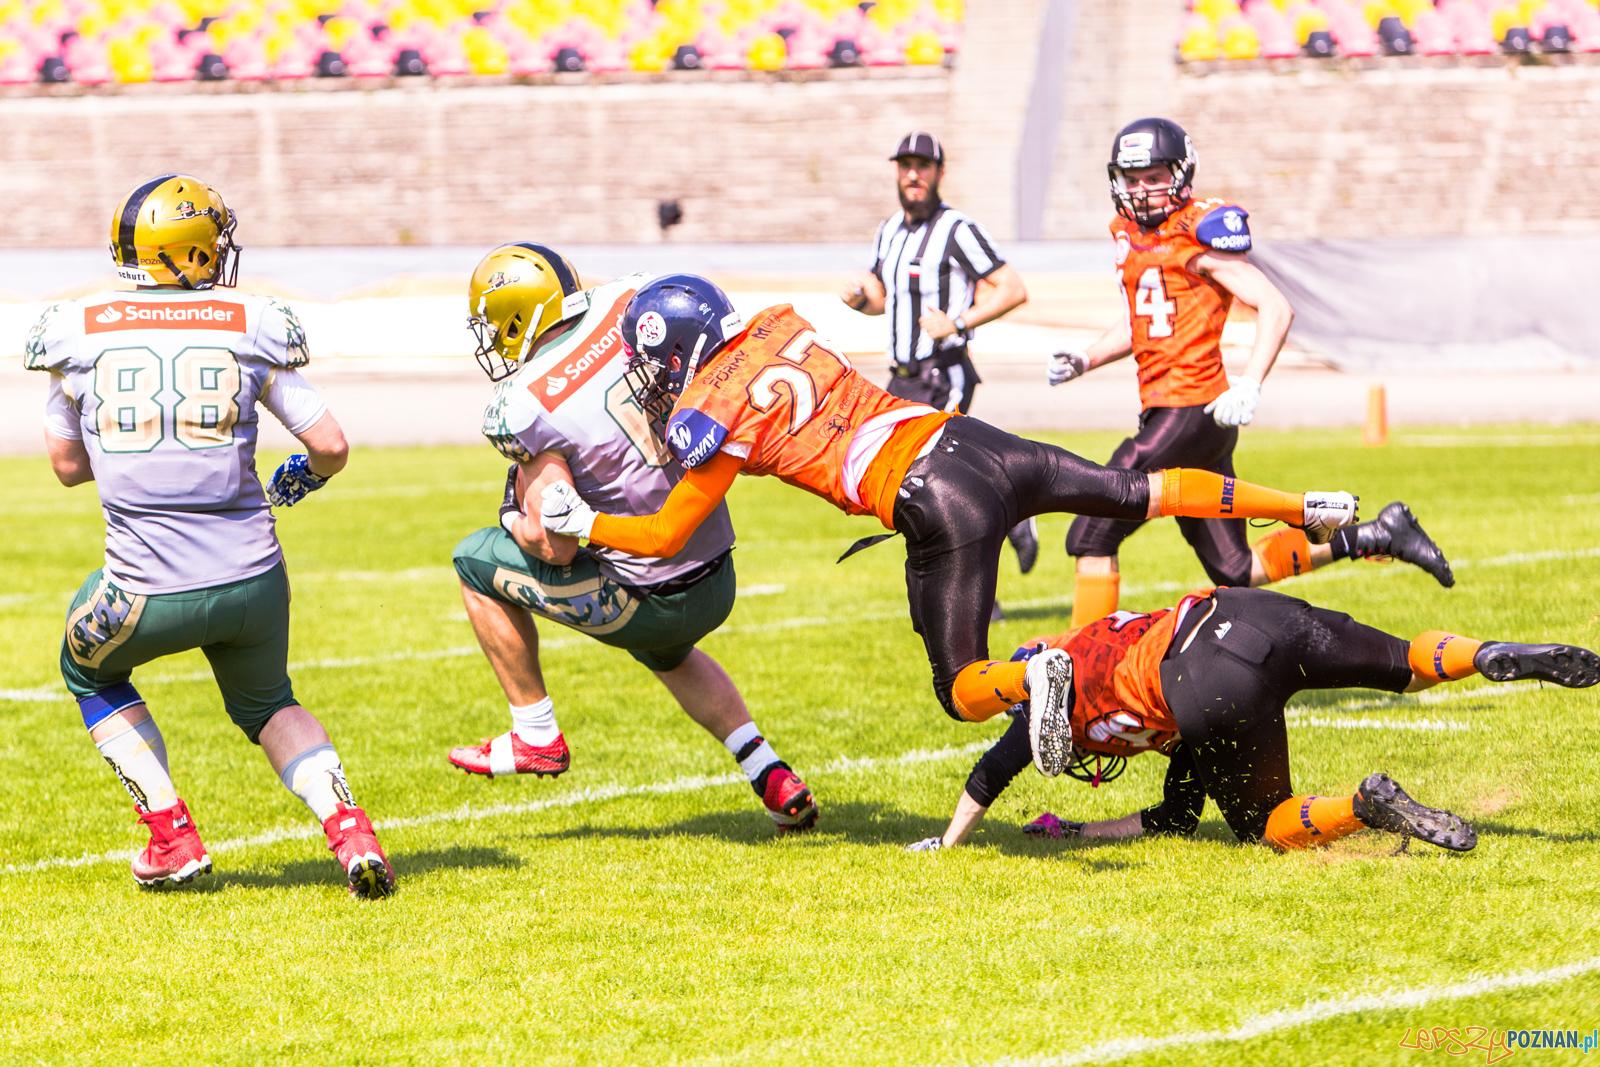 Futbol amerykański: Armia Poznań - Olsztyn Lakers 45:21 - Pozn  Foto: LepszyPOZNAN.pl / Paweł Rychter